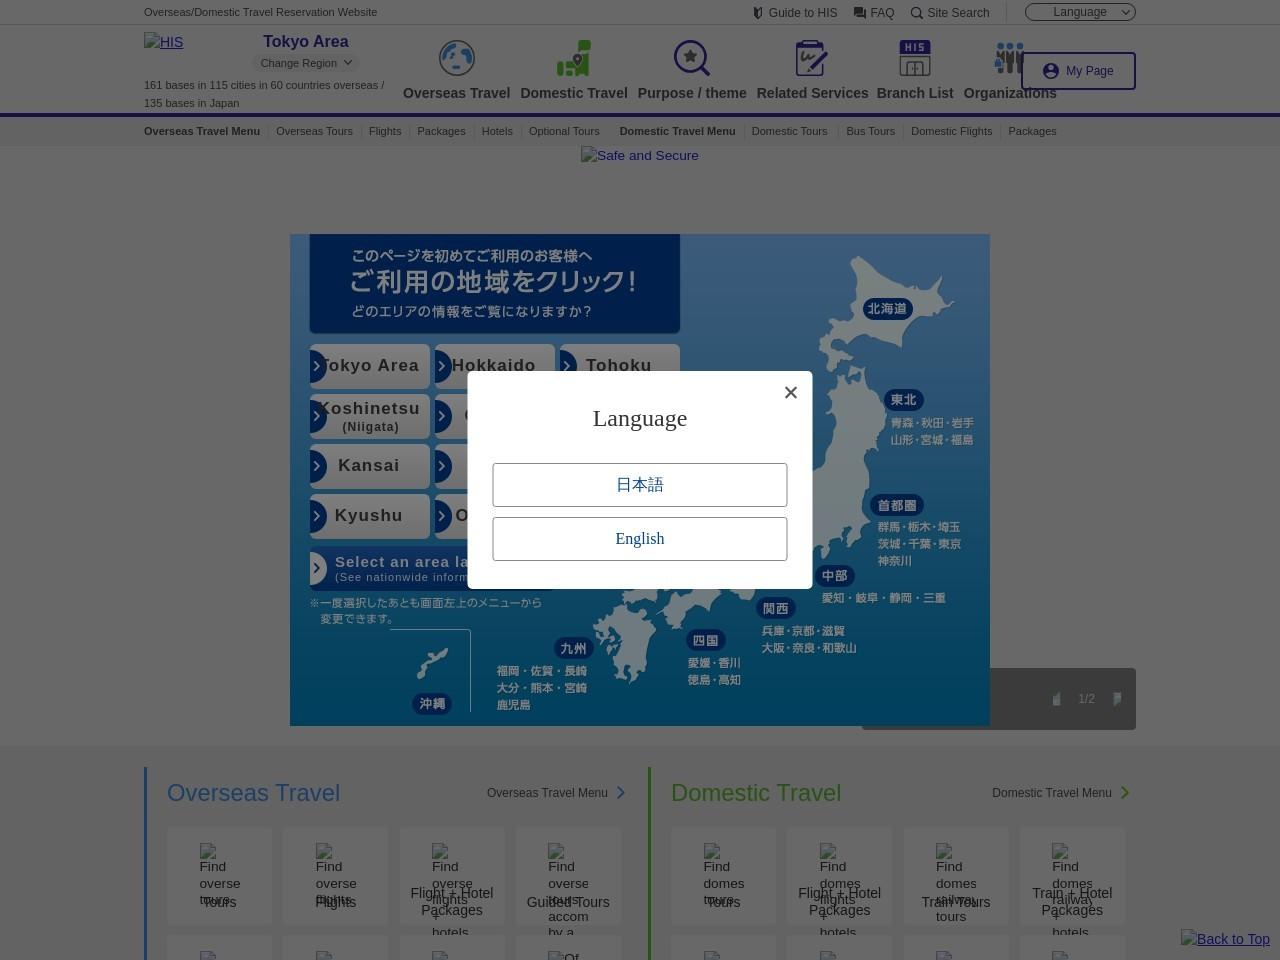 株式会社エイチ・アイ・エス/銀座コア営業所